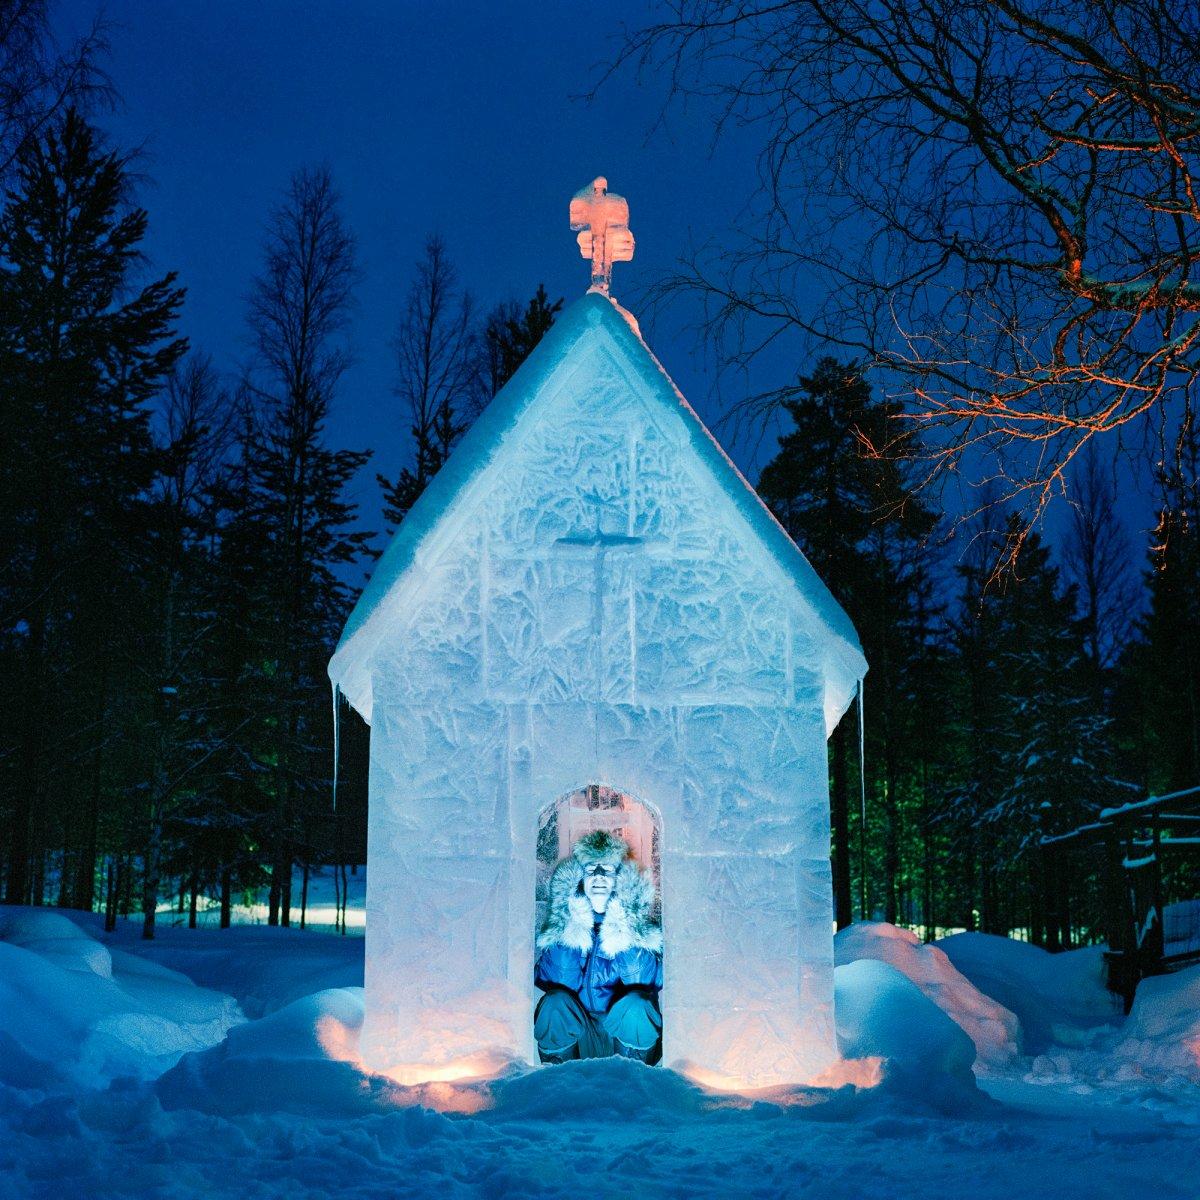 Conheça 15 pessoas que desafiam temperaturas extremas para viver no círculo ártico 08